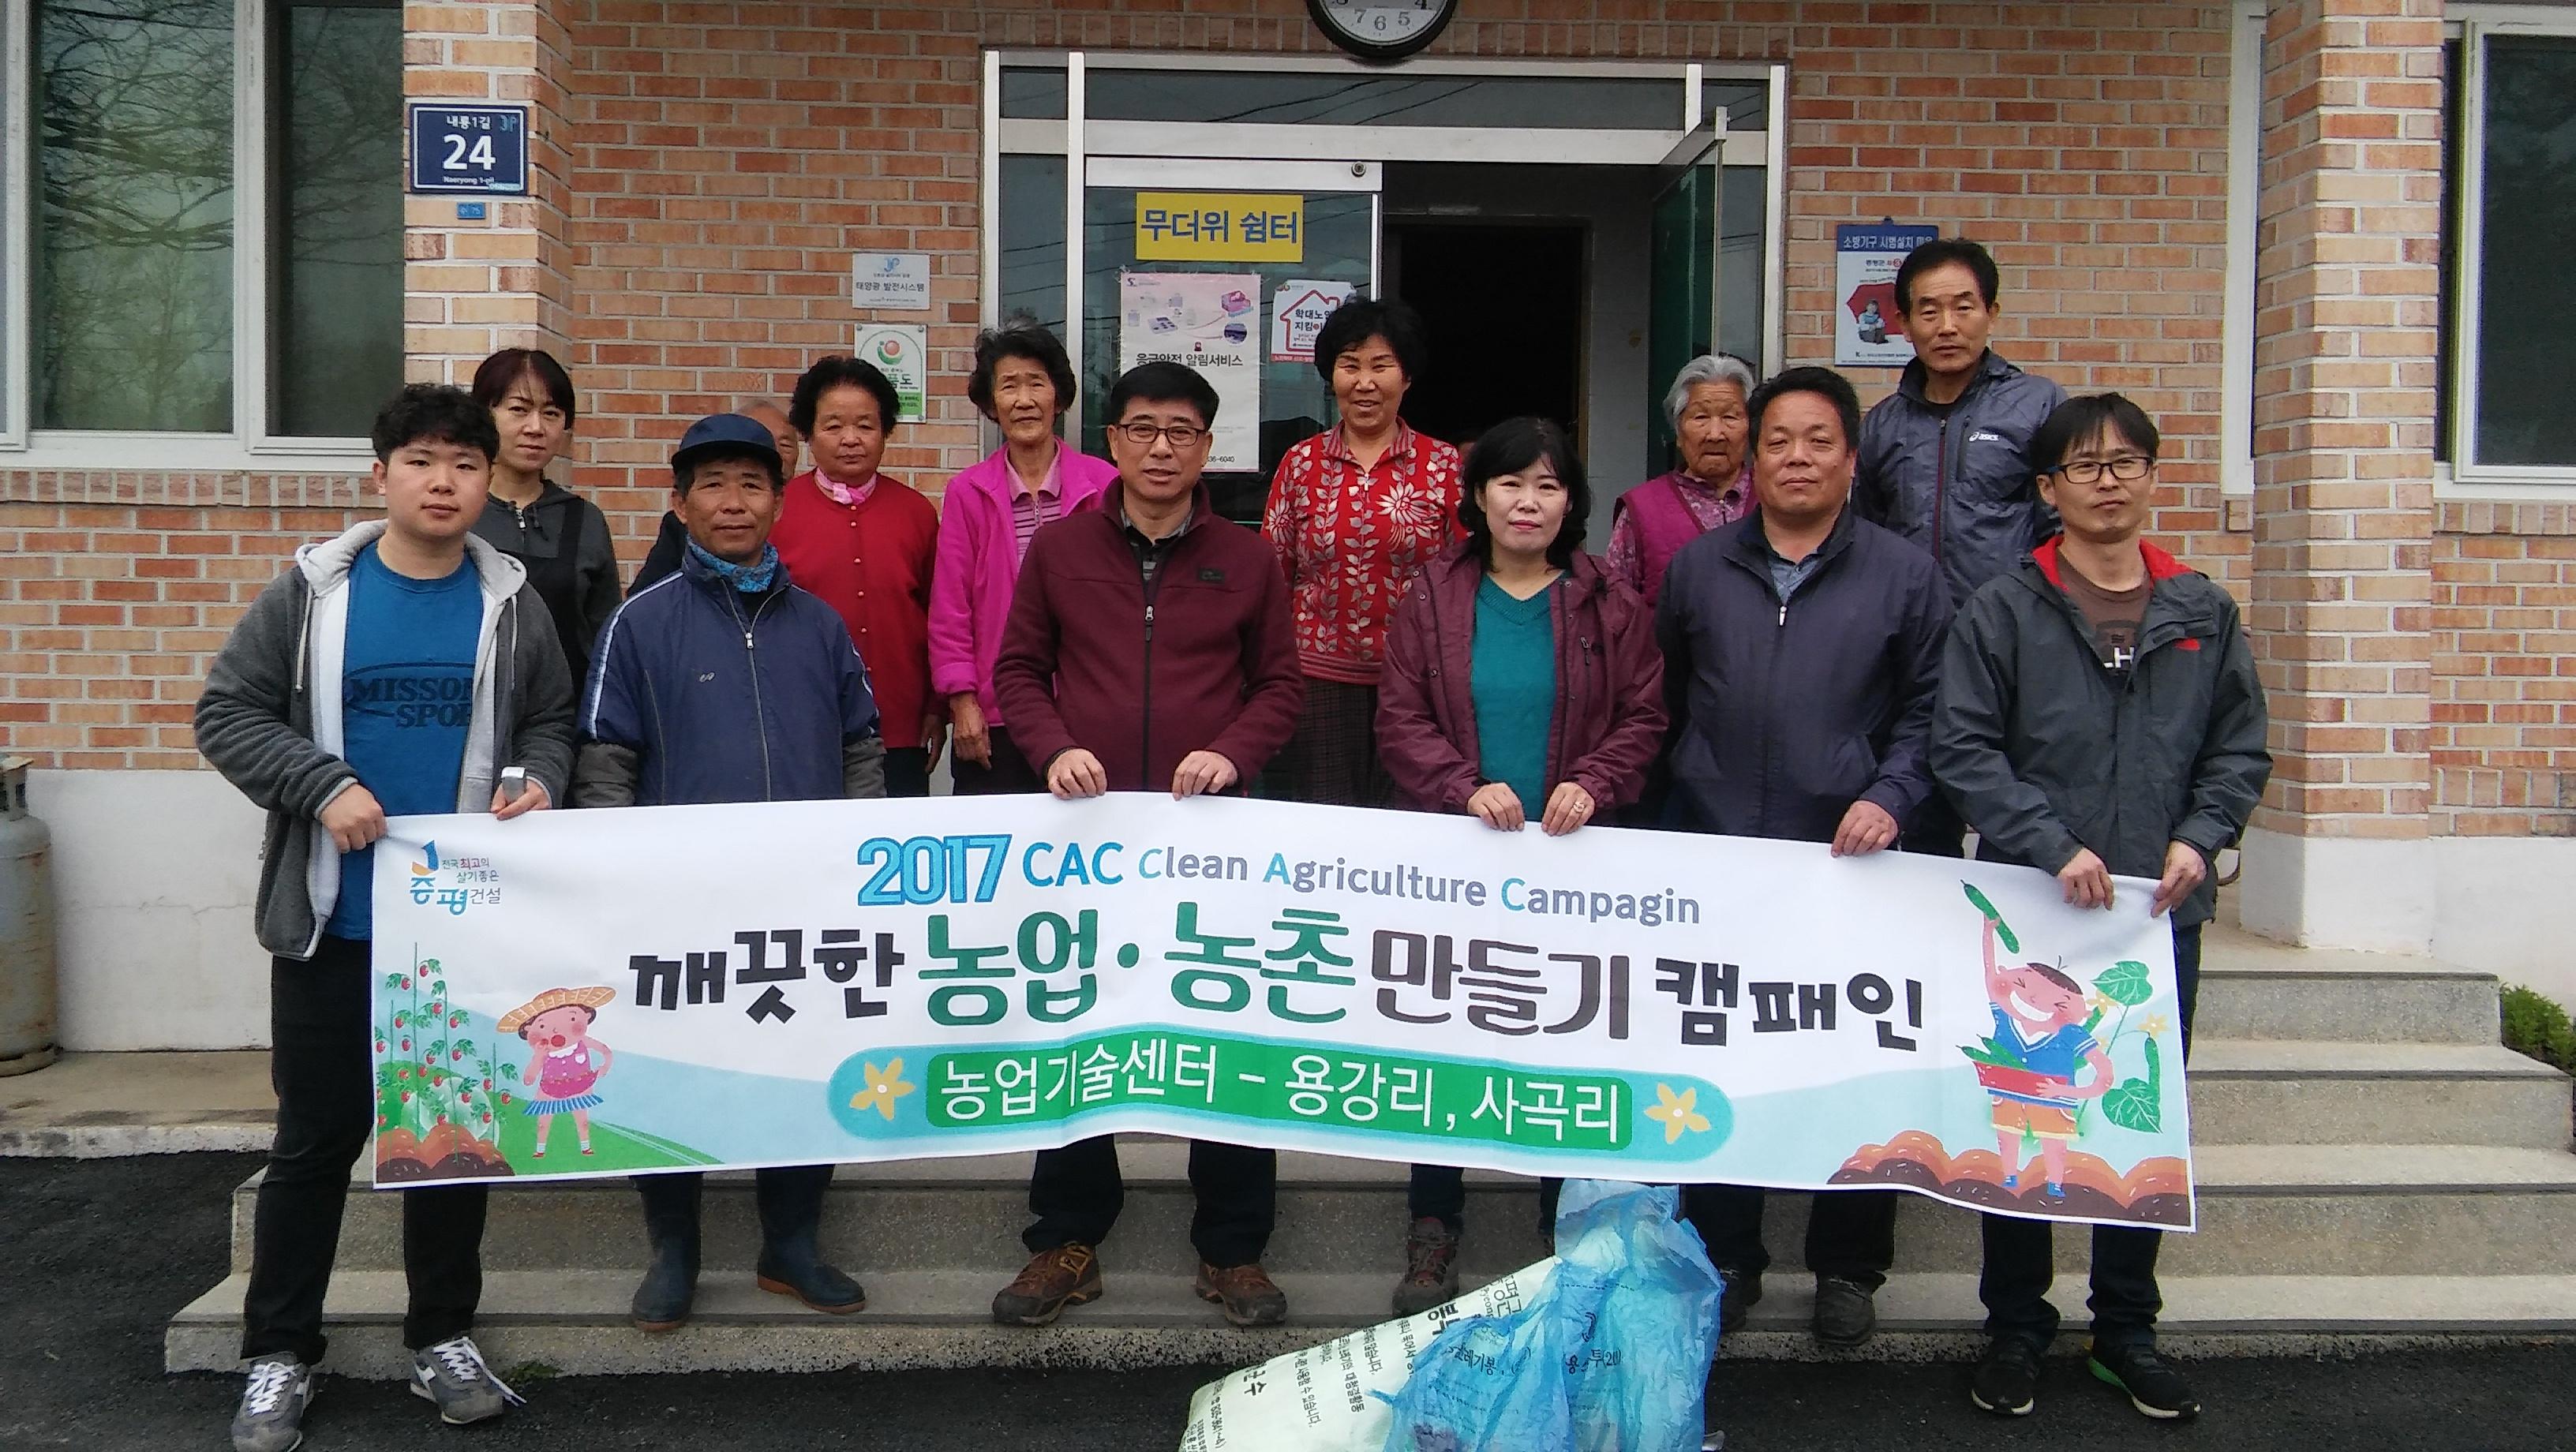 증평군, 전직원 참여 깨끗한 농업․농촌 만들기 캠페인 추진 [이미지]